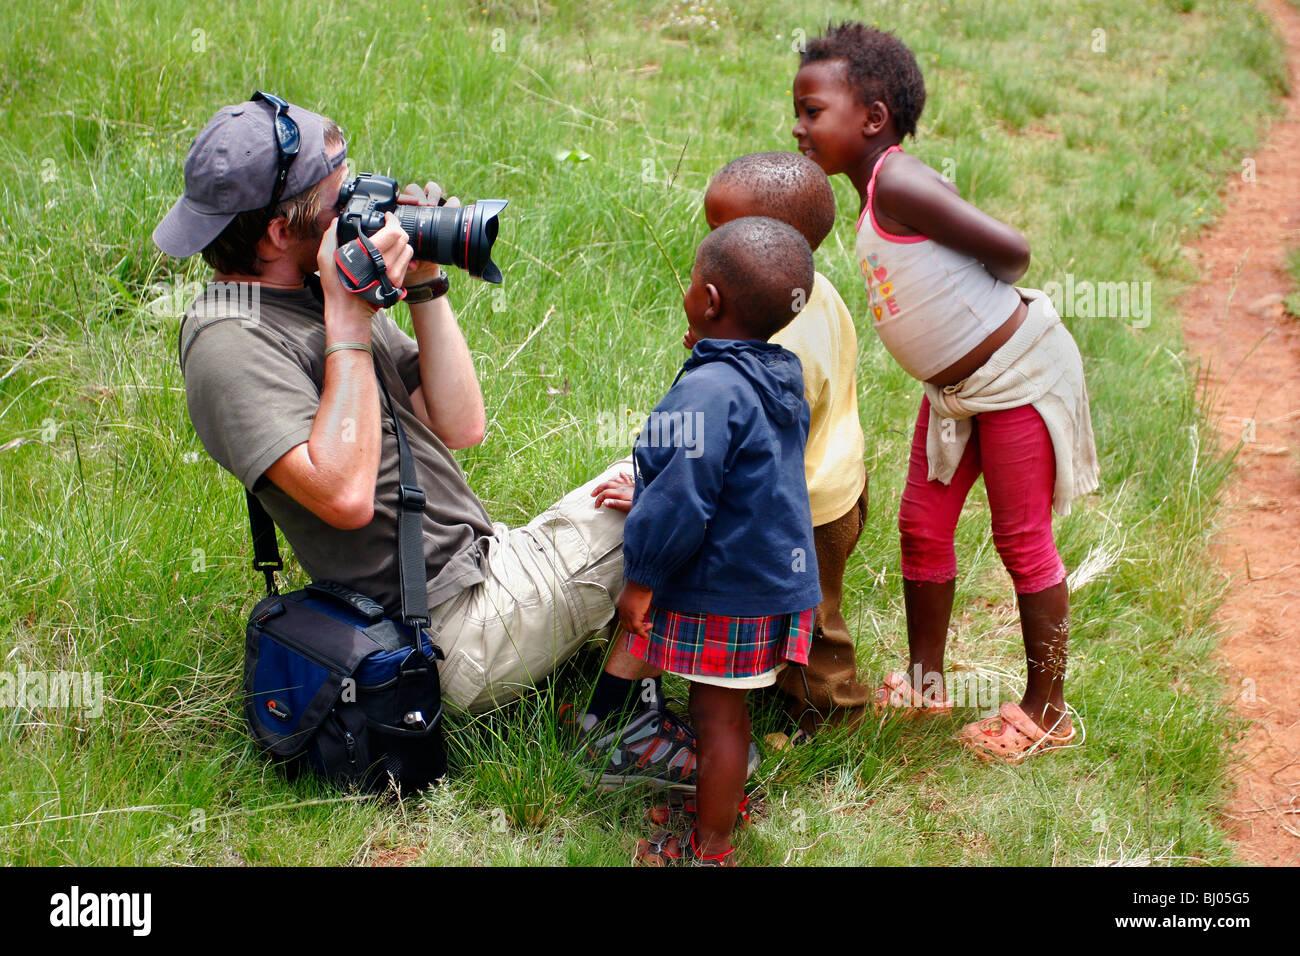 Photographe au Lesotho avec les enfants curieux Photo Stock